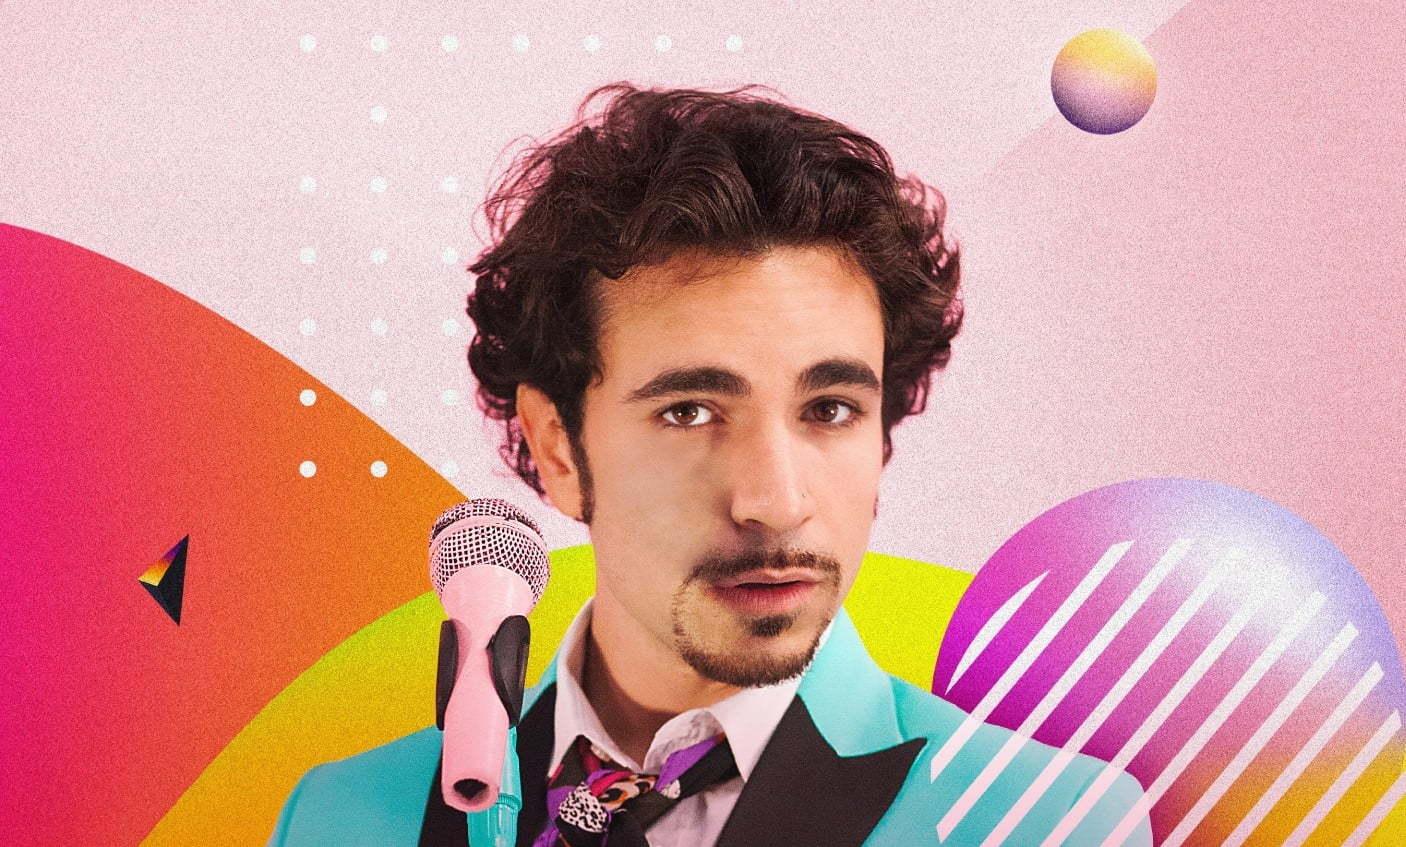 """Intervista a Simonluca: """"Sogno di partecipare al Festival di Sanremo"""""""